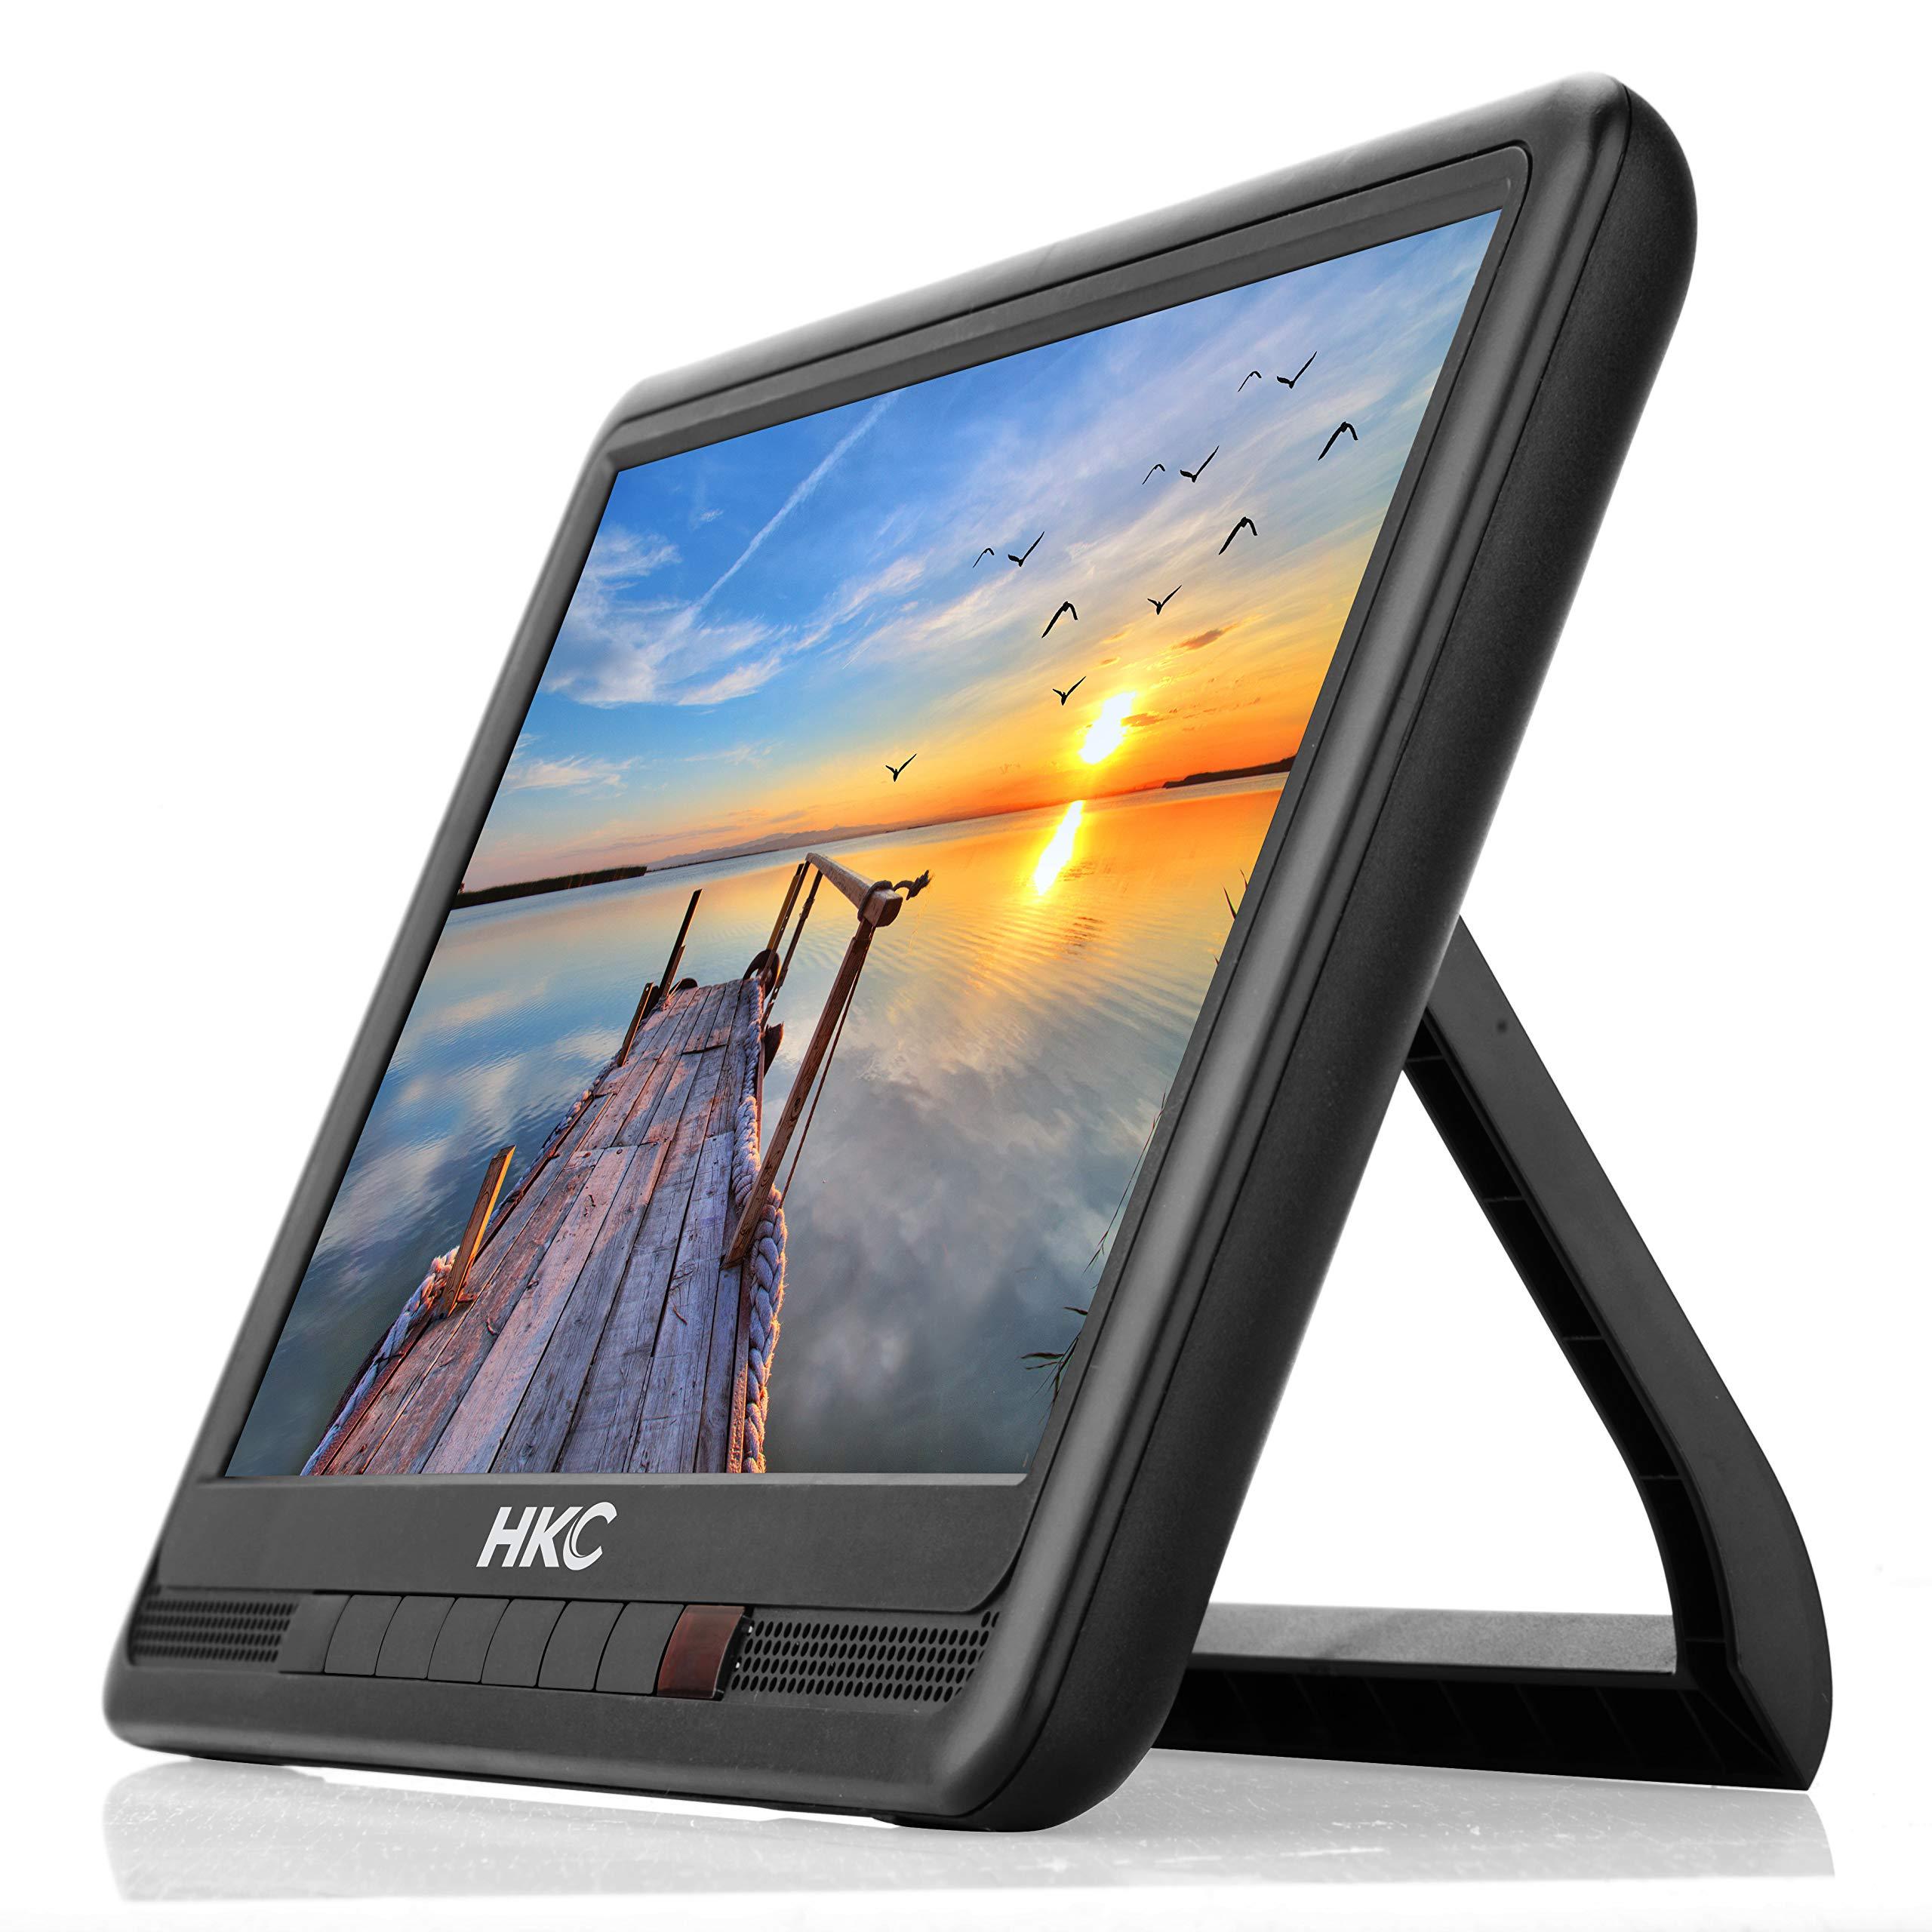 HKC P10H6 Mini TV portátil (TV HD de 10 Pulgadas) HDMI + USB, 60Hz, Reproductor Multimedia, batería incorporada, Cargador de Coche de 12 V, Antena portátil: Amazon.es: Electrónica